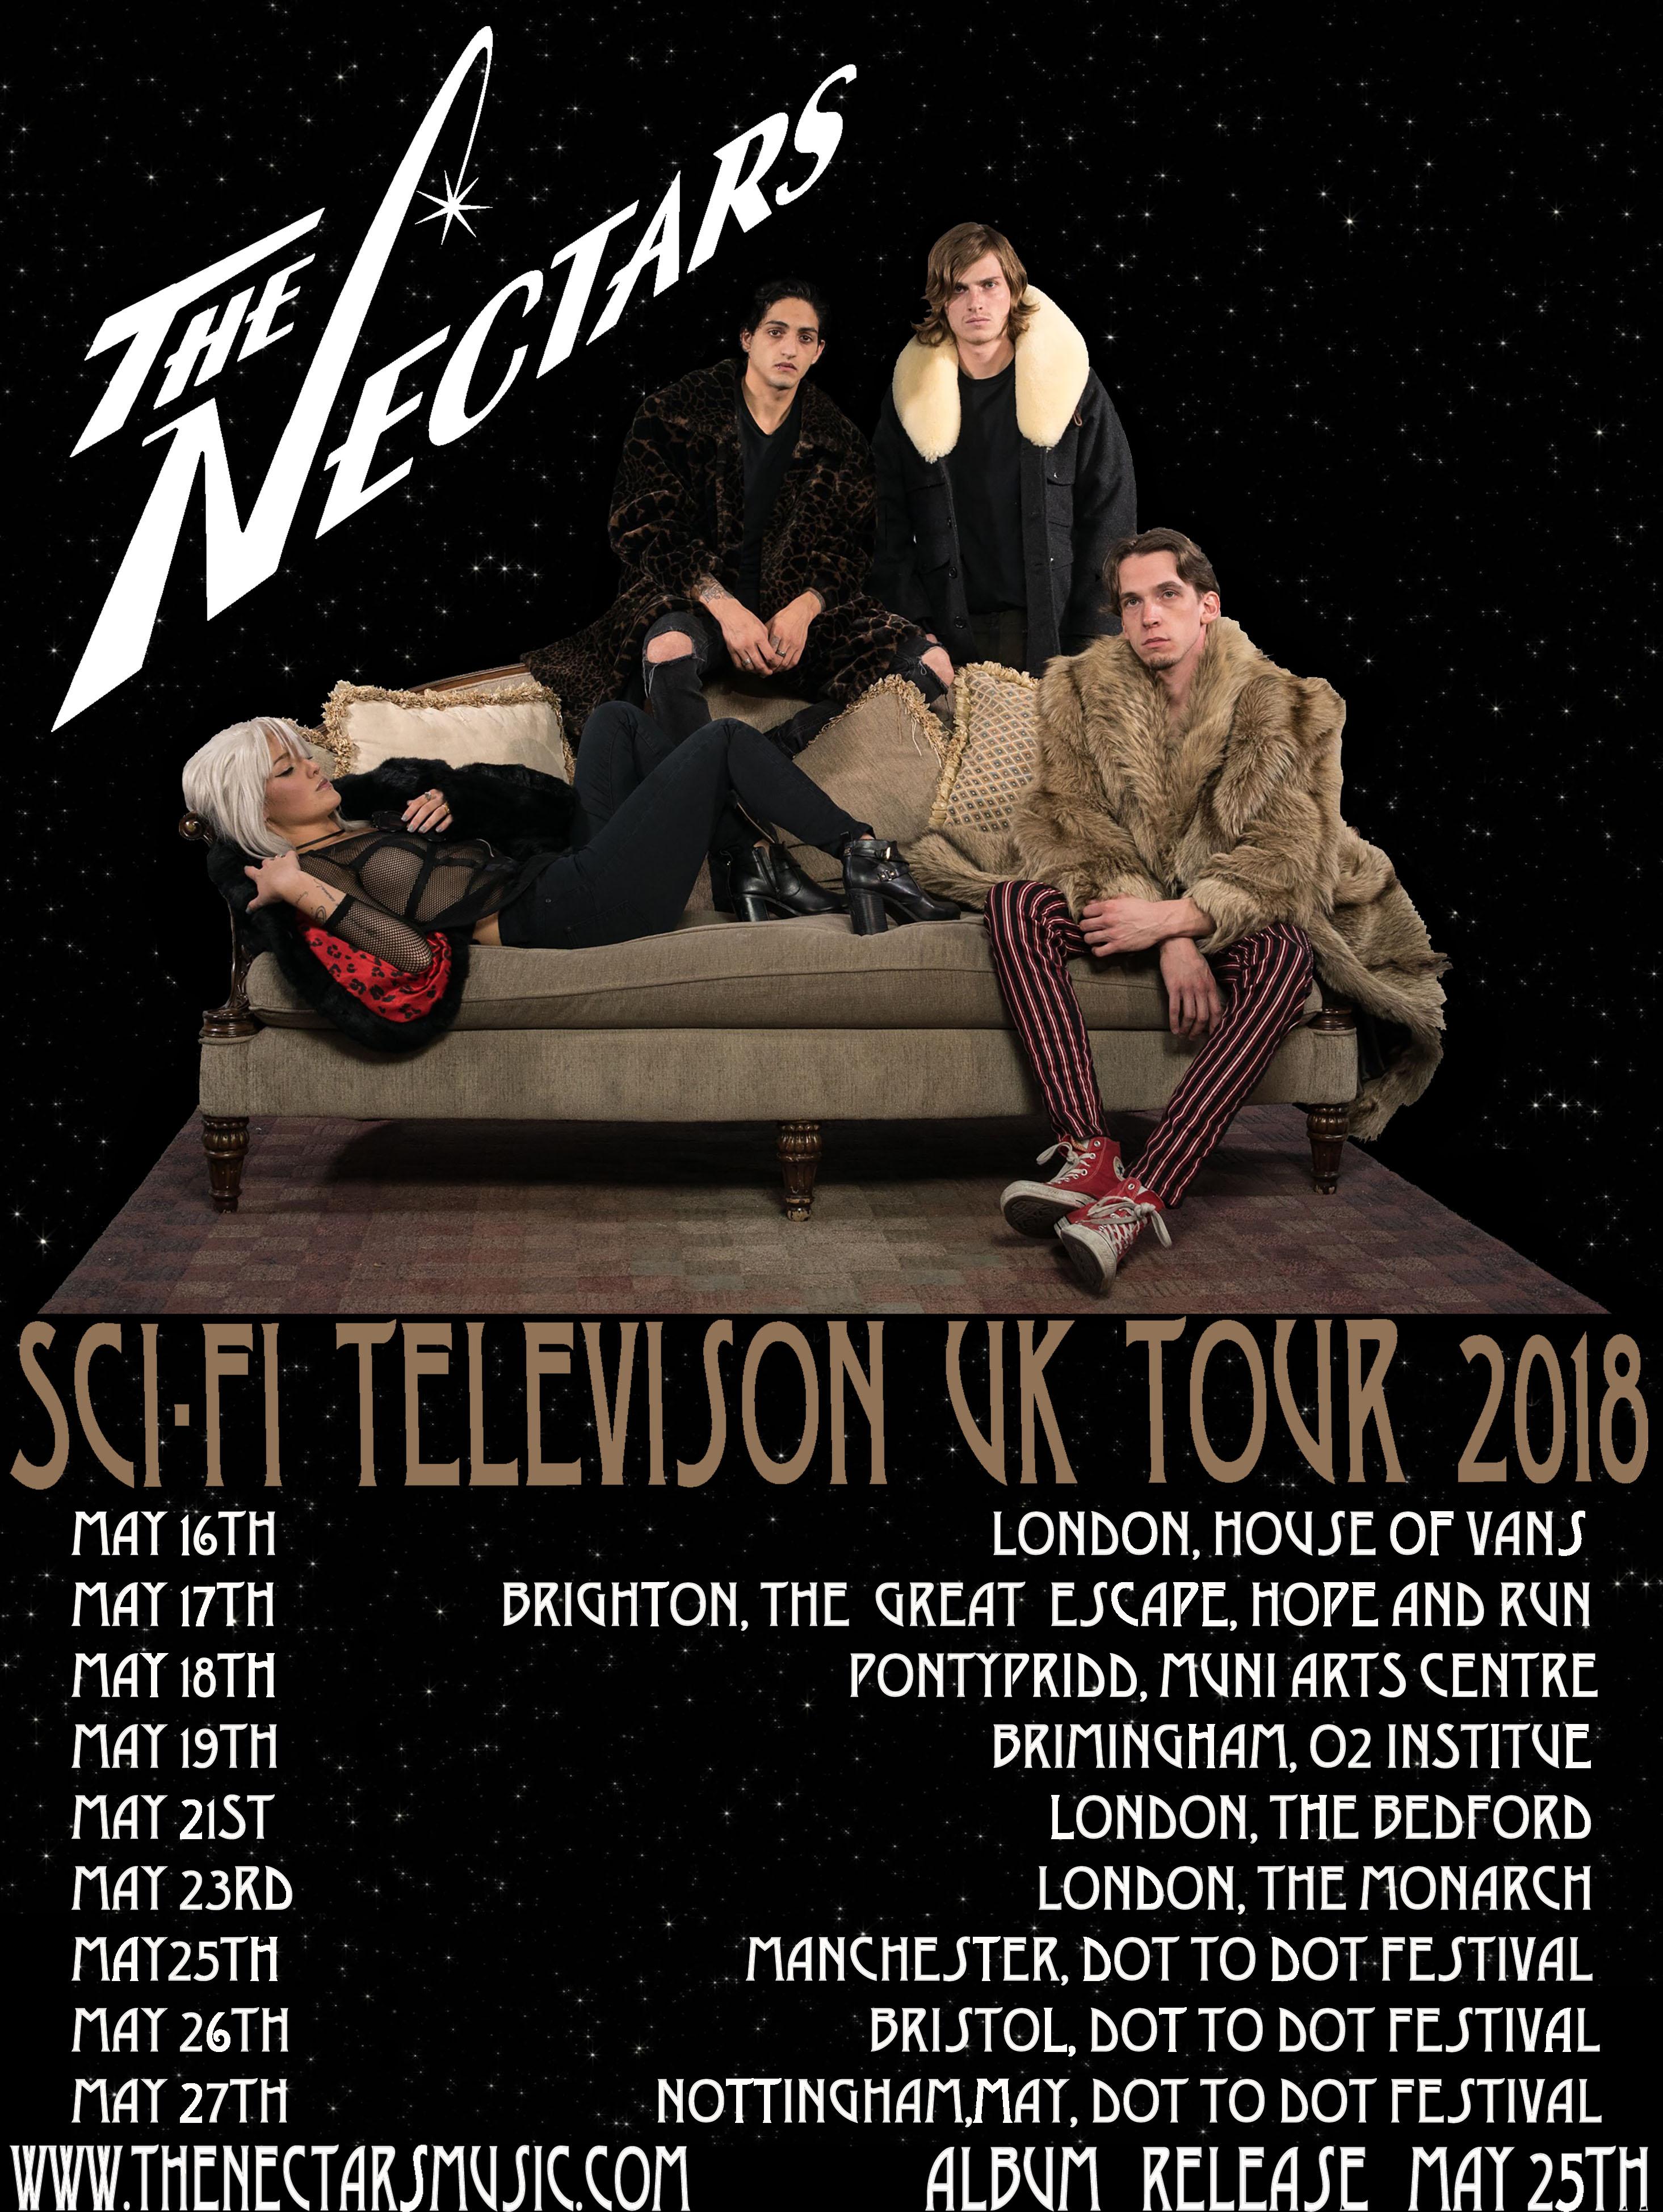 The Nectars Europe tour flyer